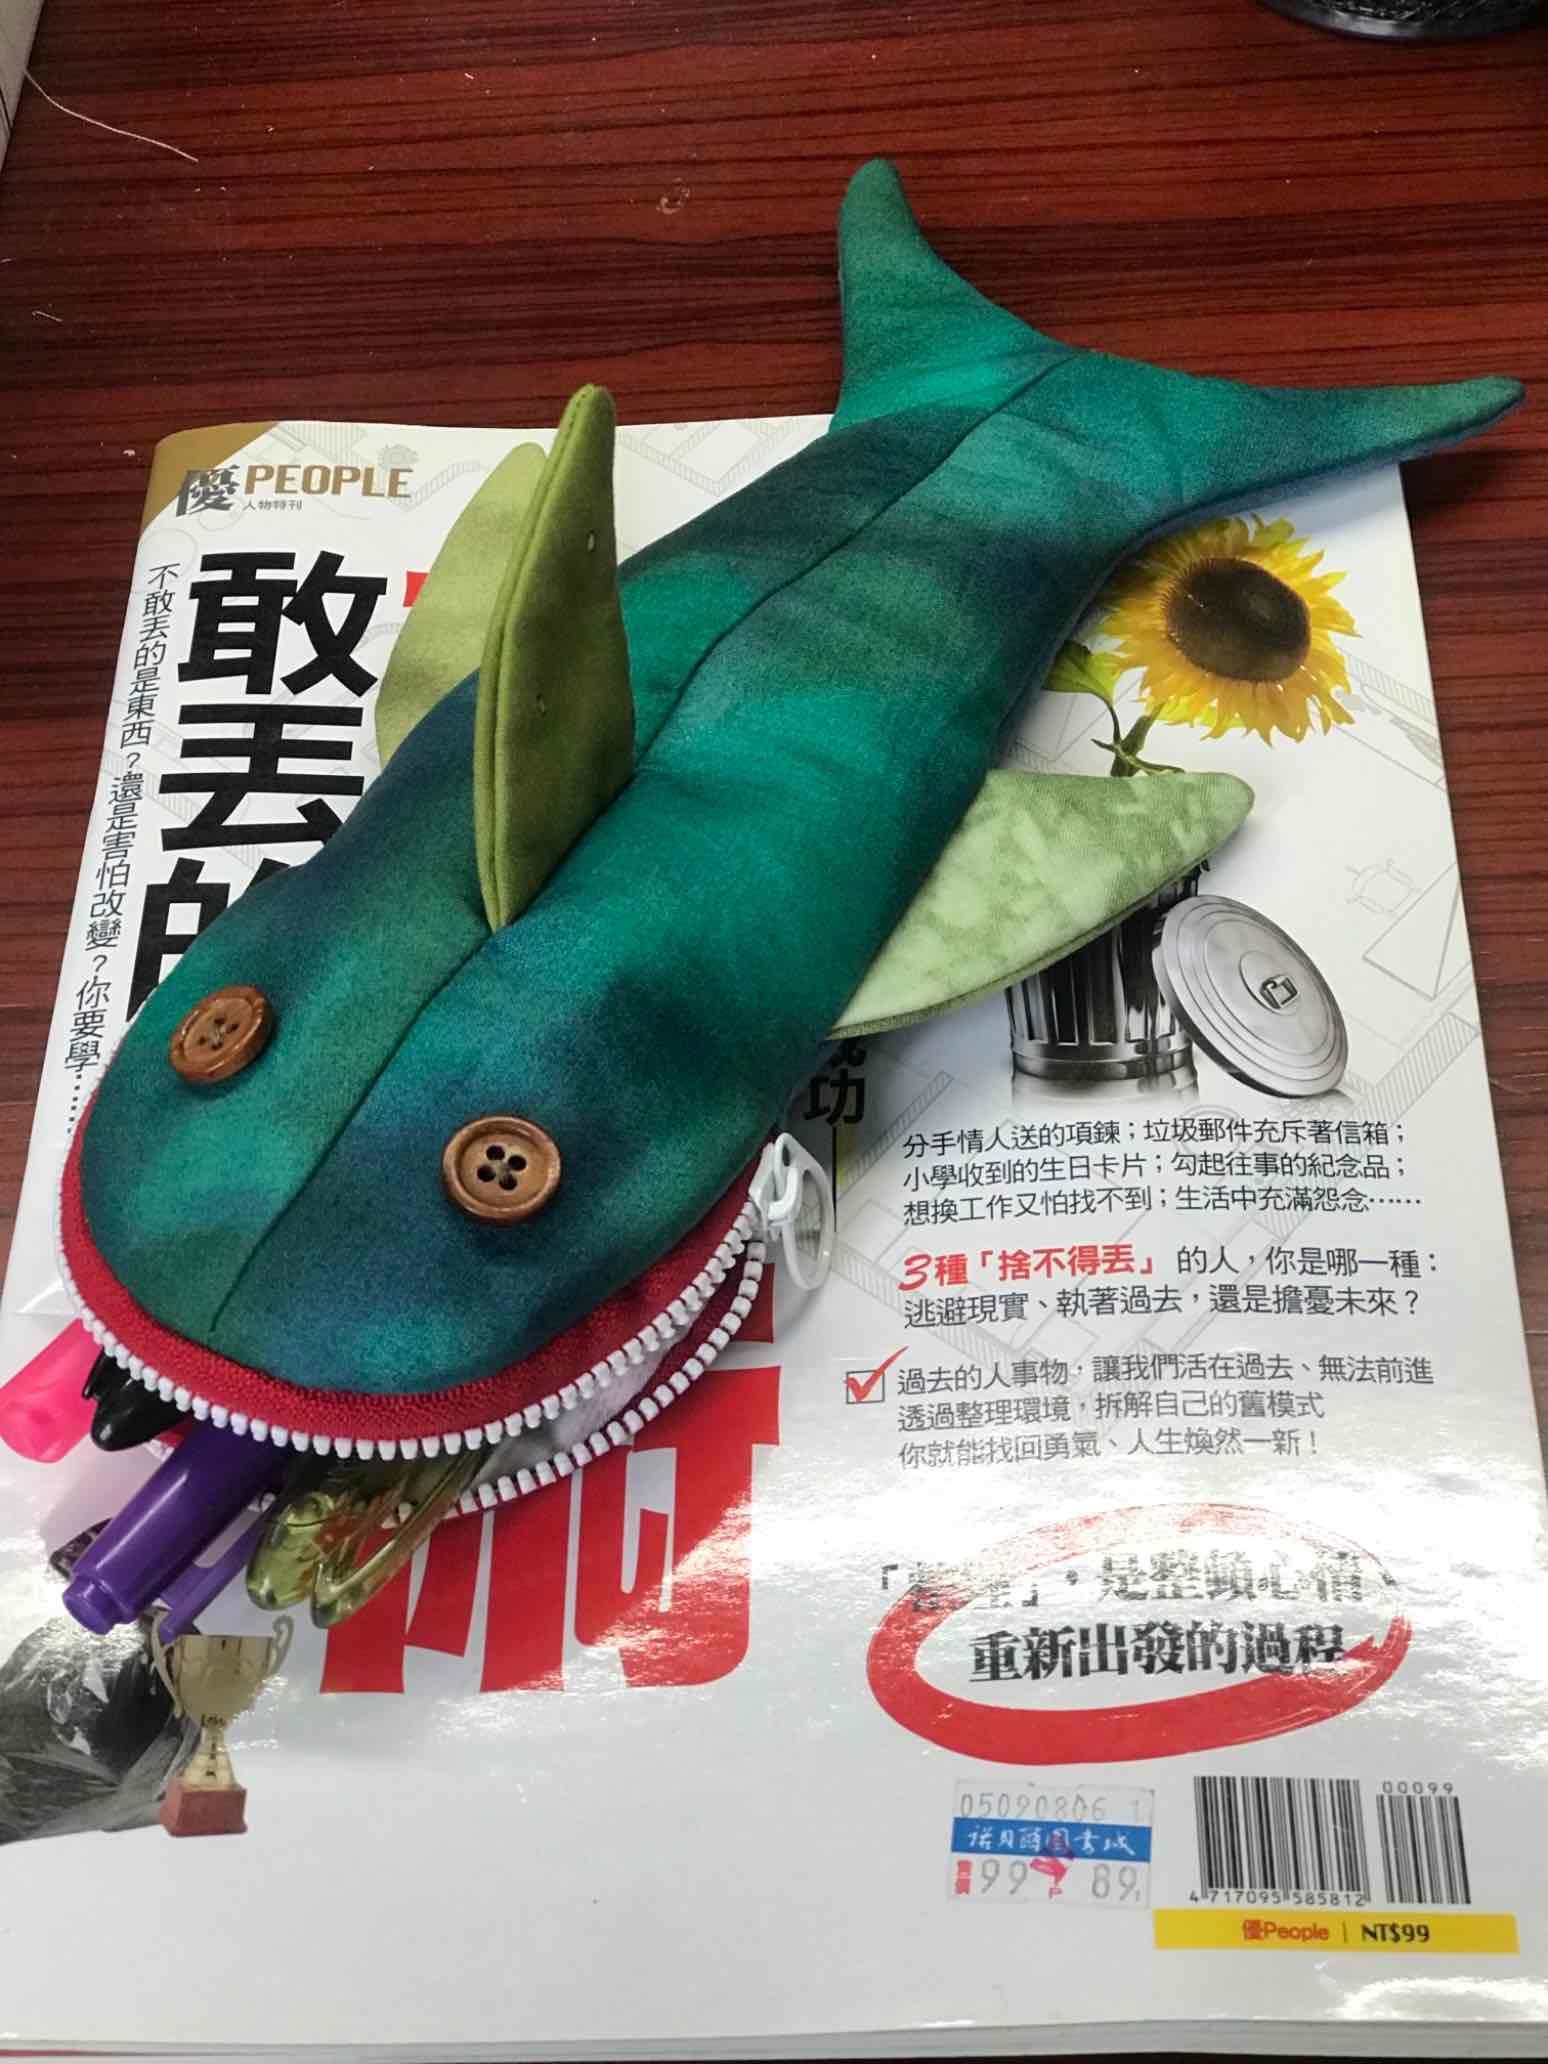 立体沙鱼笔袋图文教程。手缝/机缝都可